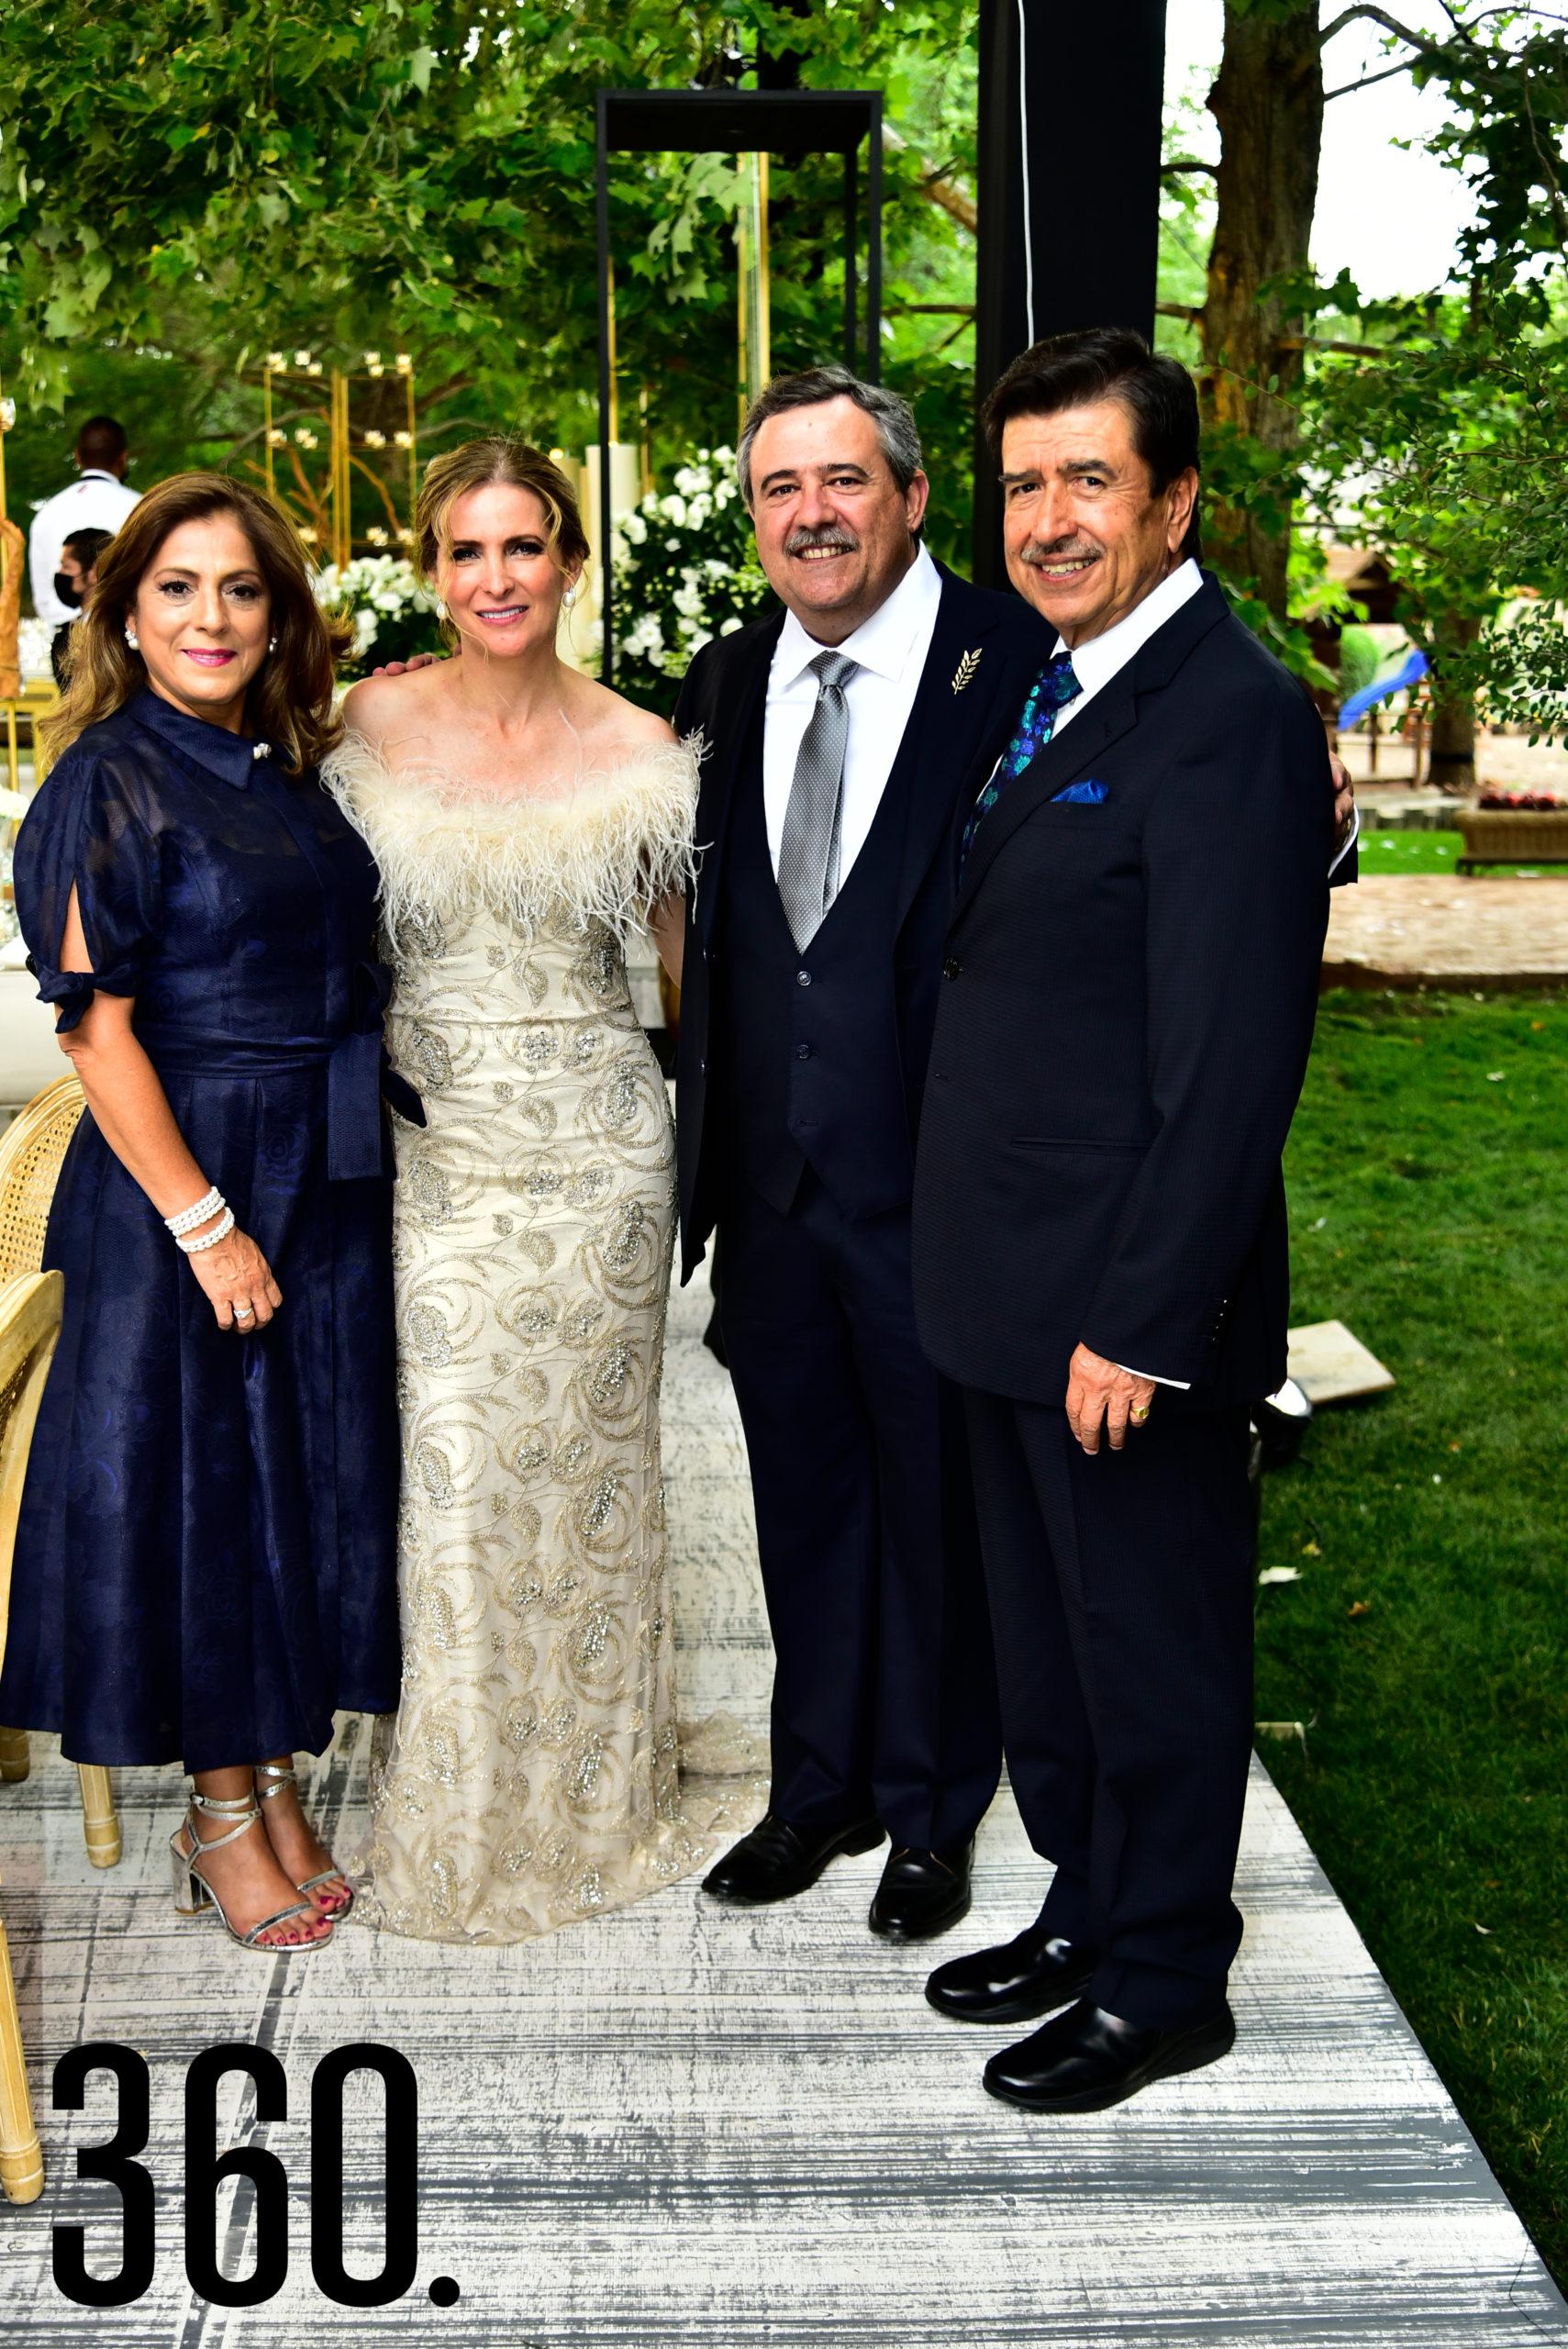 Ninfa Gamboa, Elma Arizpe de Dávila, Alejandro Dávila y Jaime Gutiérrez.